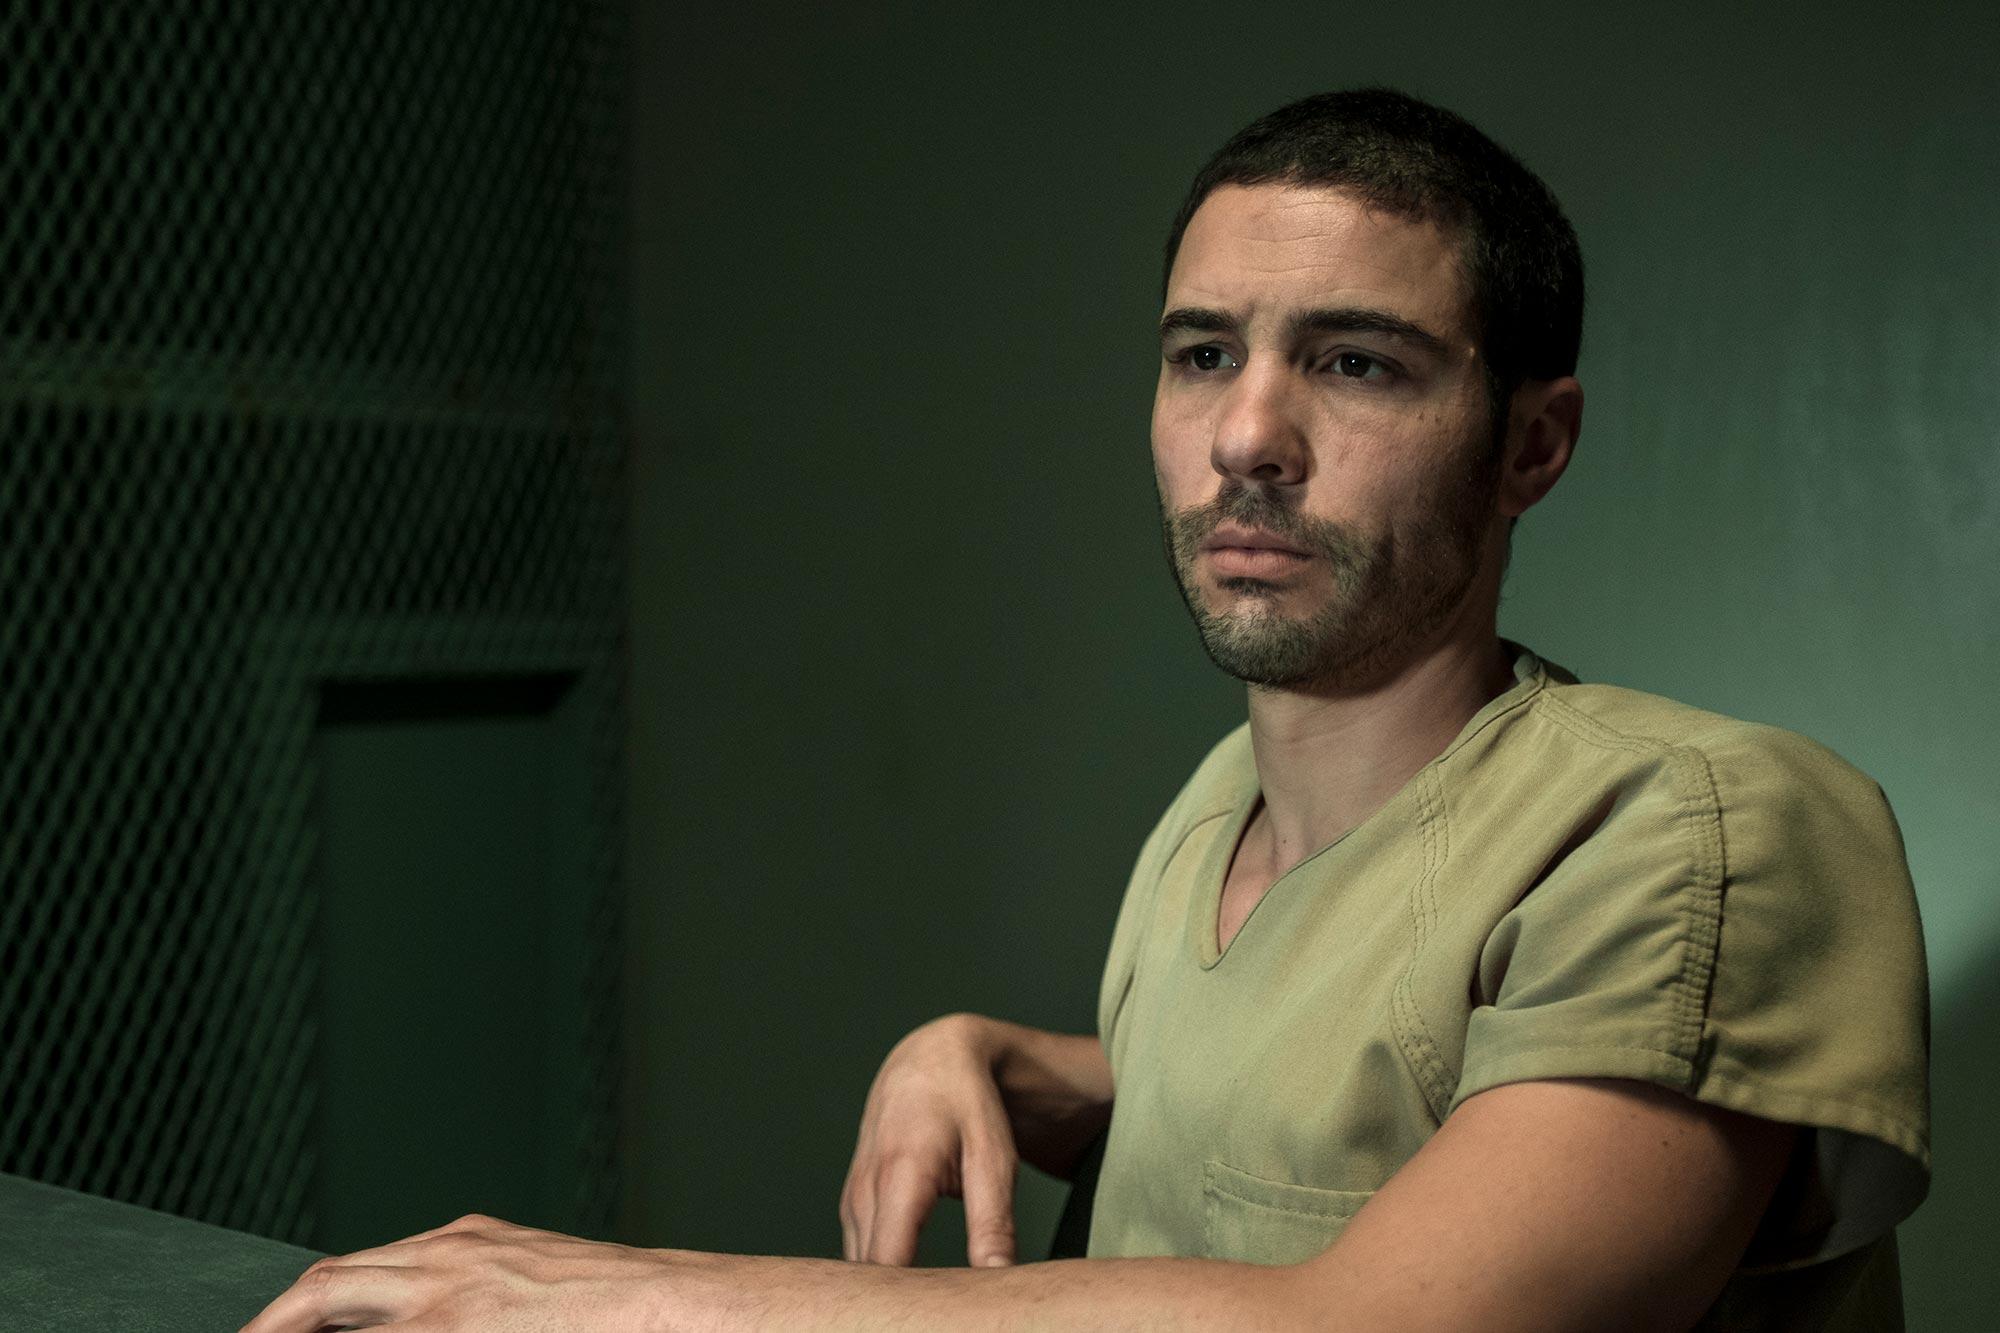 طاهر رحيم ممثّل من أصول جزائرية مرشّح لجائزة عالمية